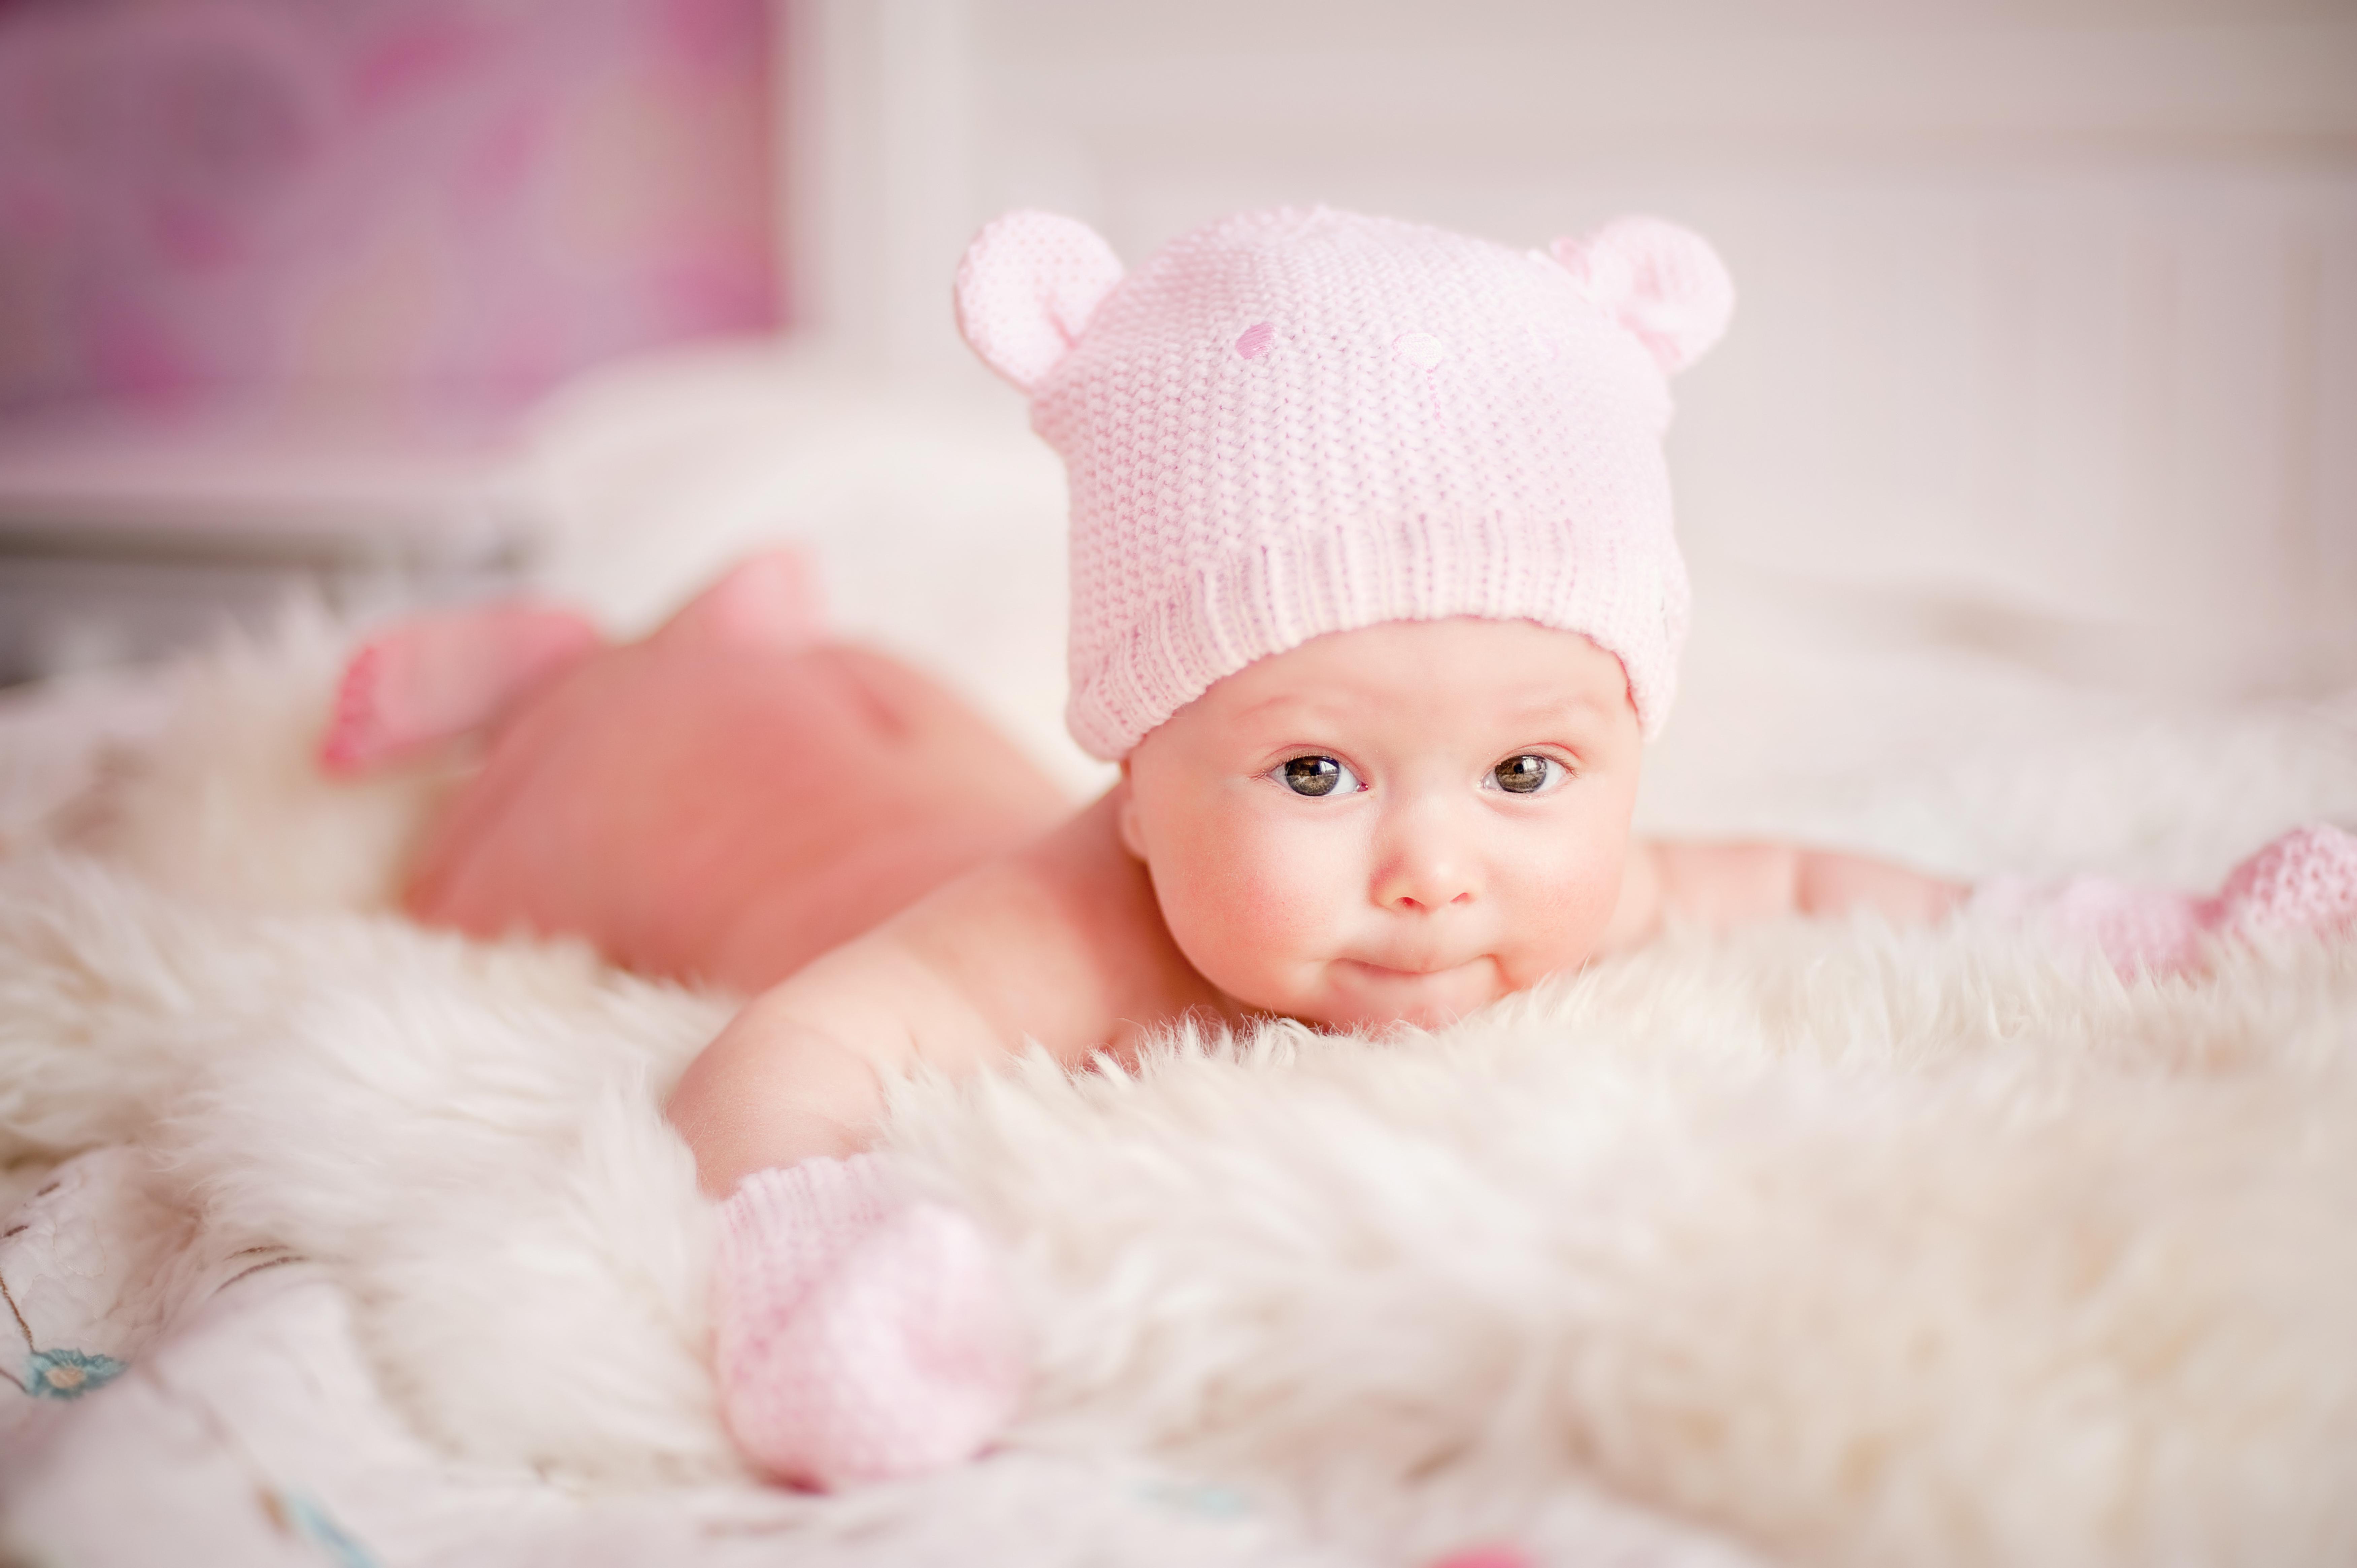 Днем рождения, красивые картинки о малышах